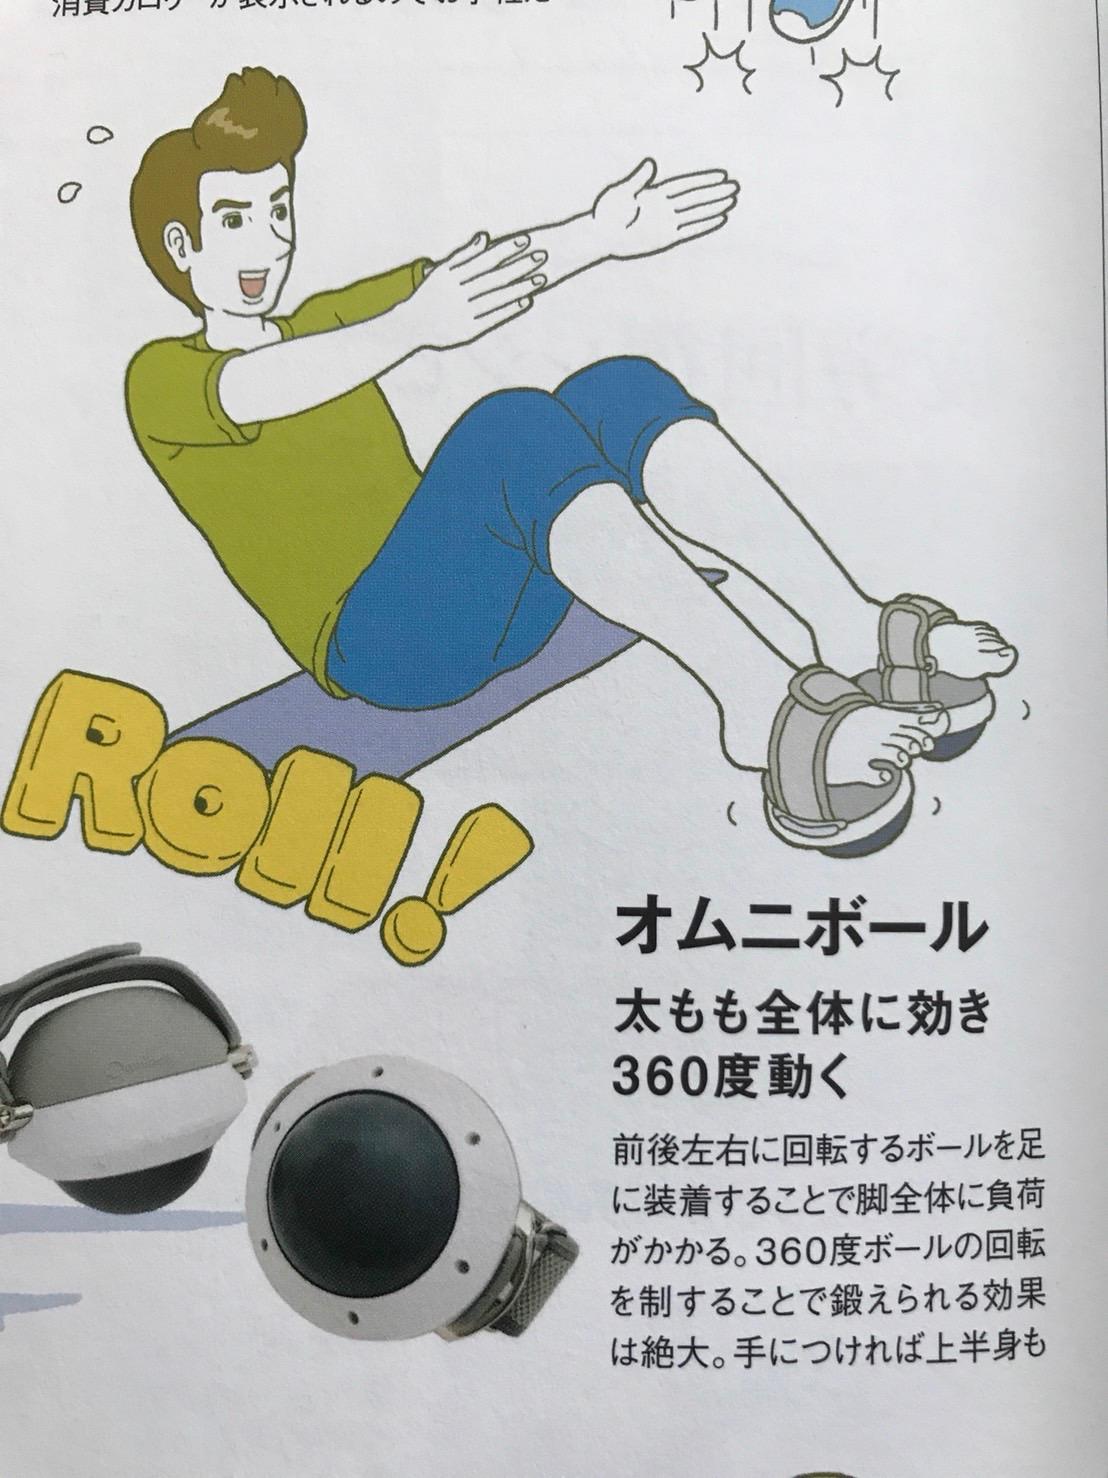 月刊ゴルフダイジェスト12誌面.JPG